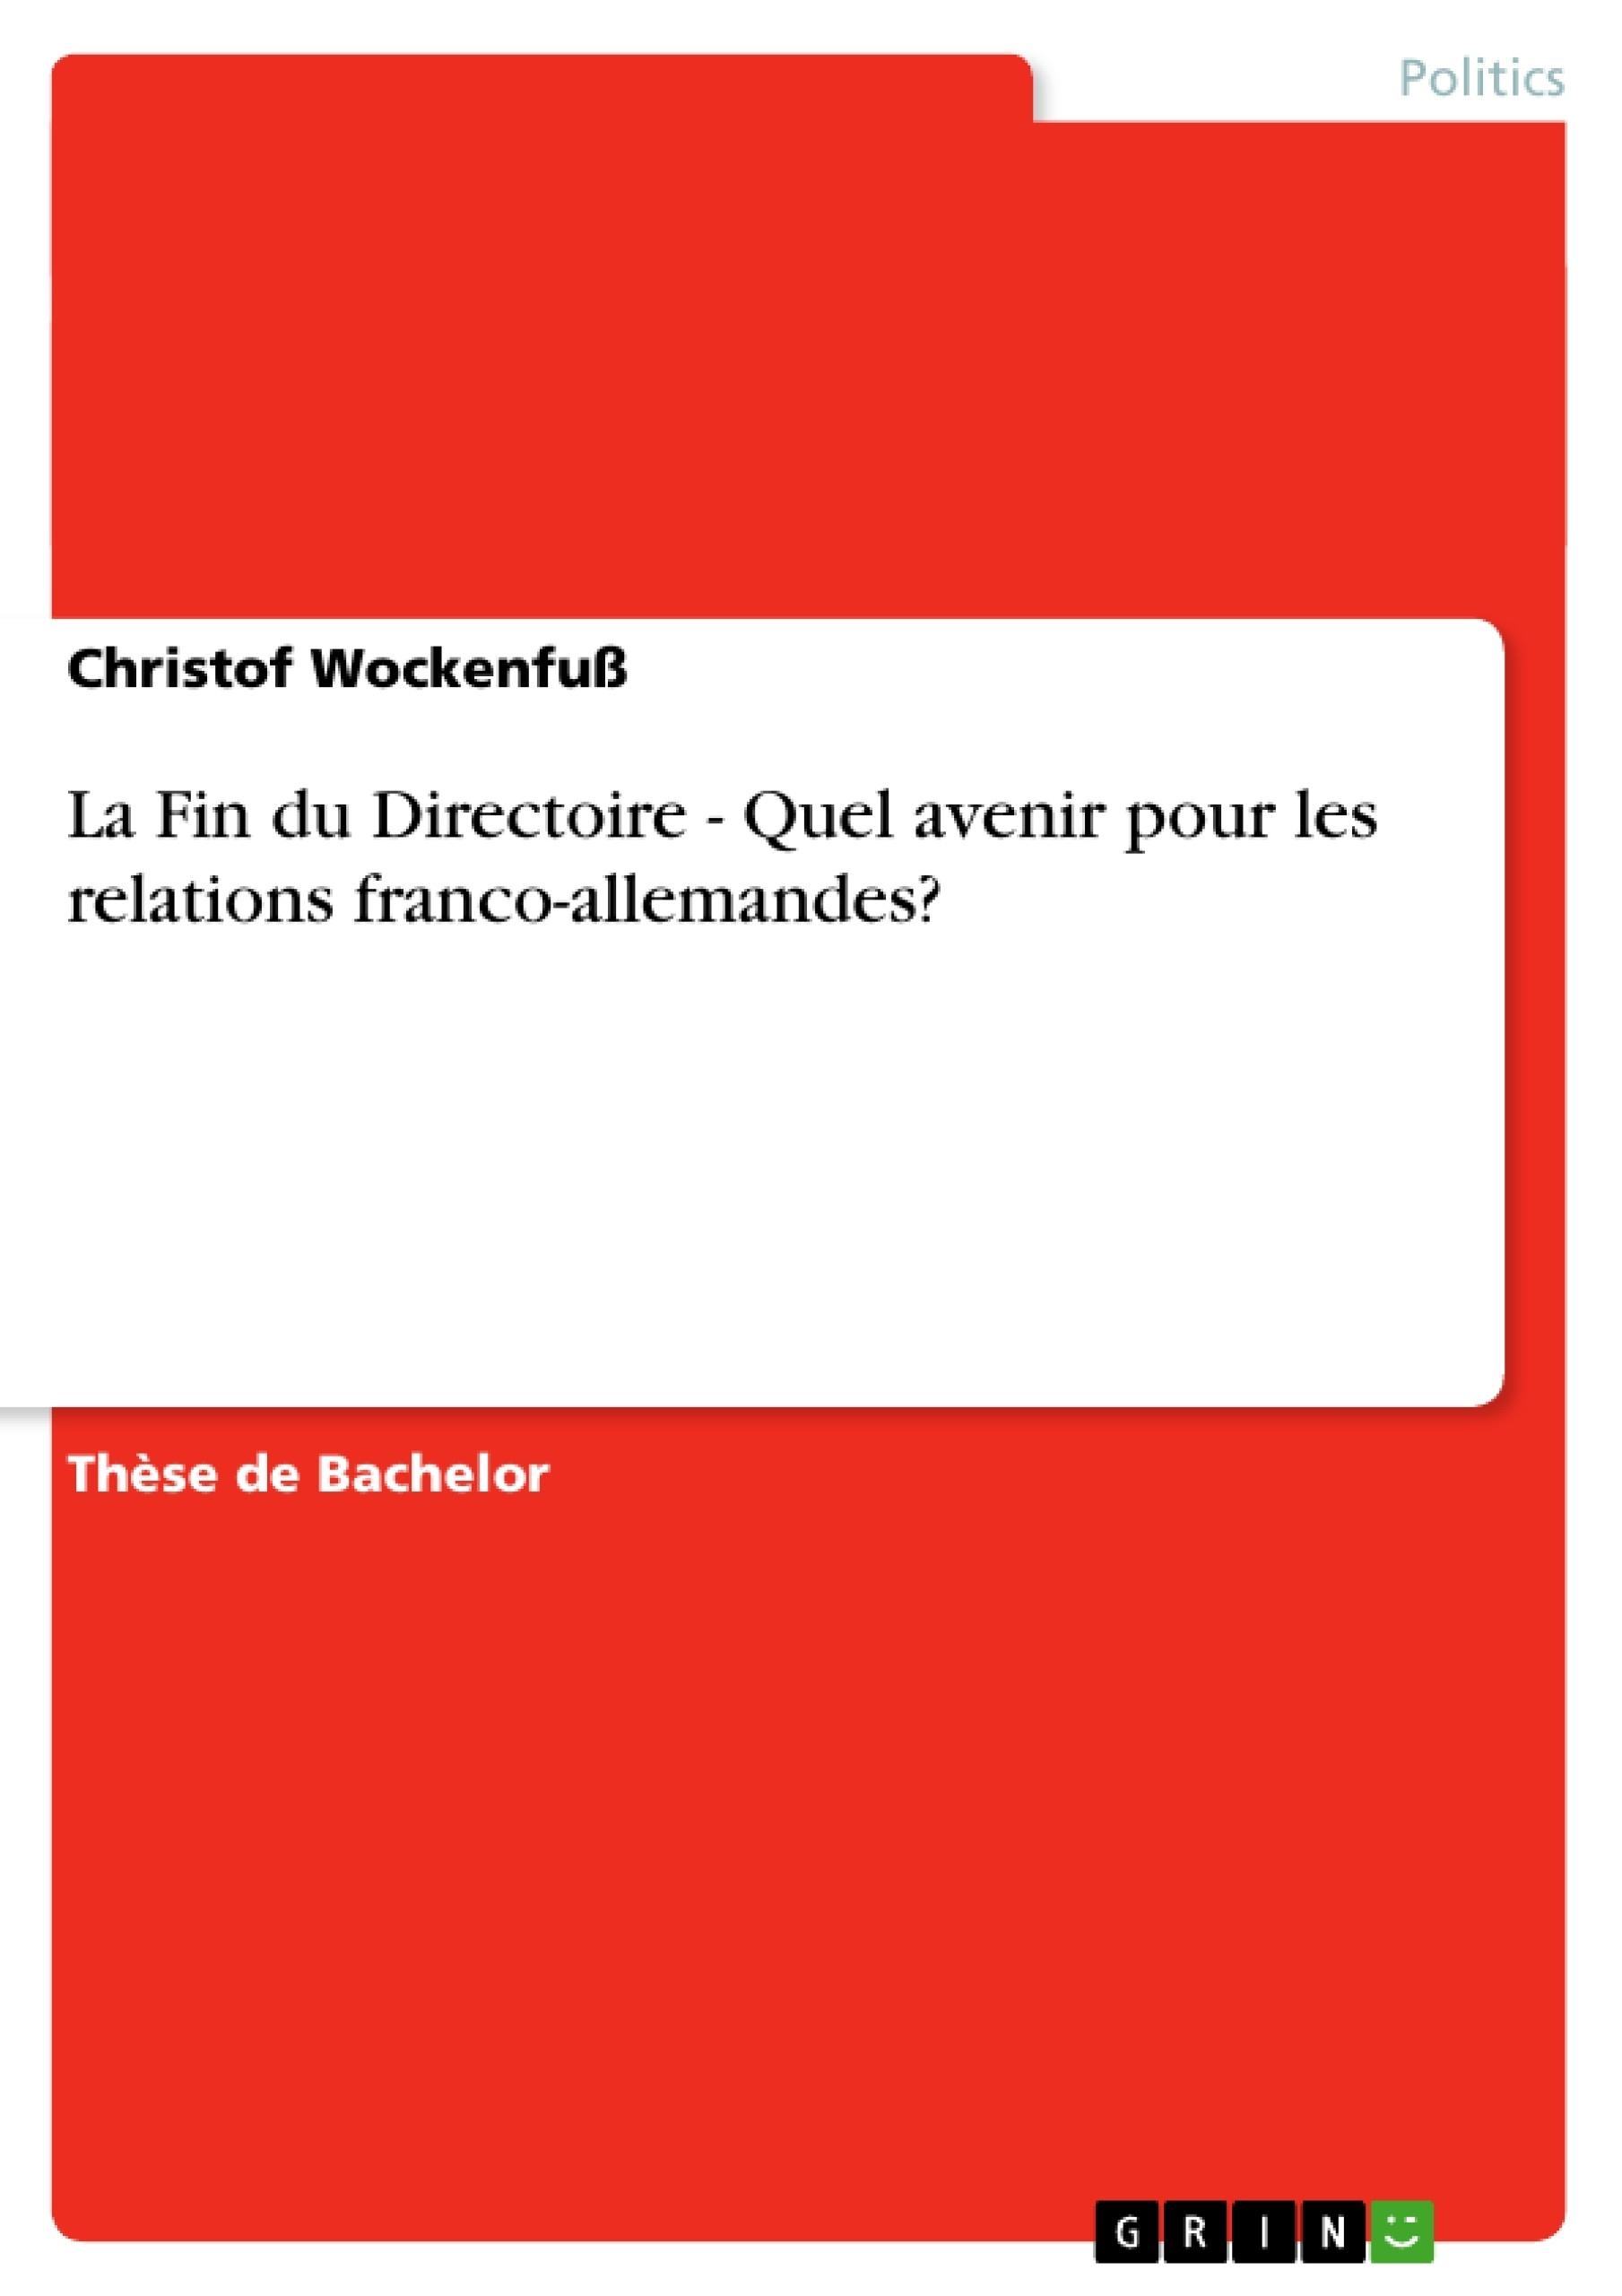 Titre: La Fin du Directoire - Quel avenir pour les relations franco-allemandes?